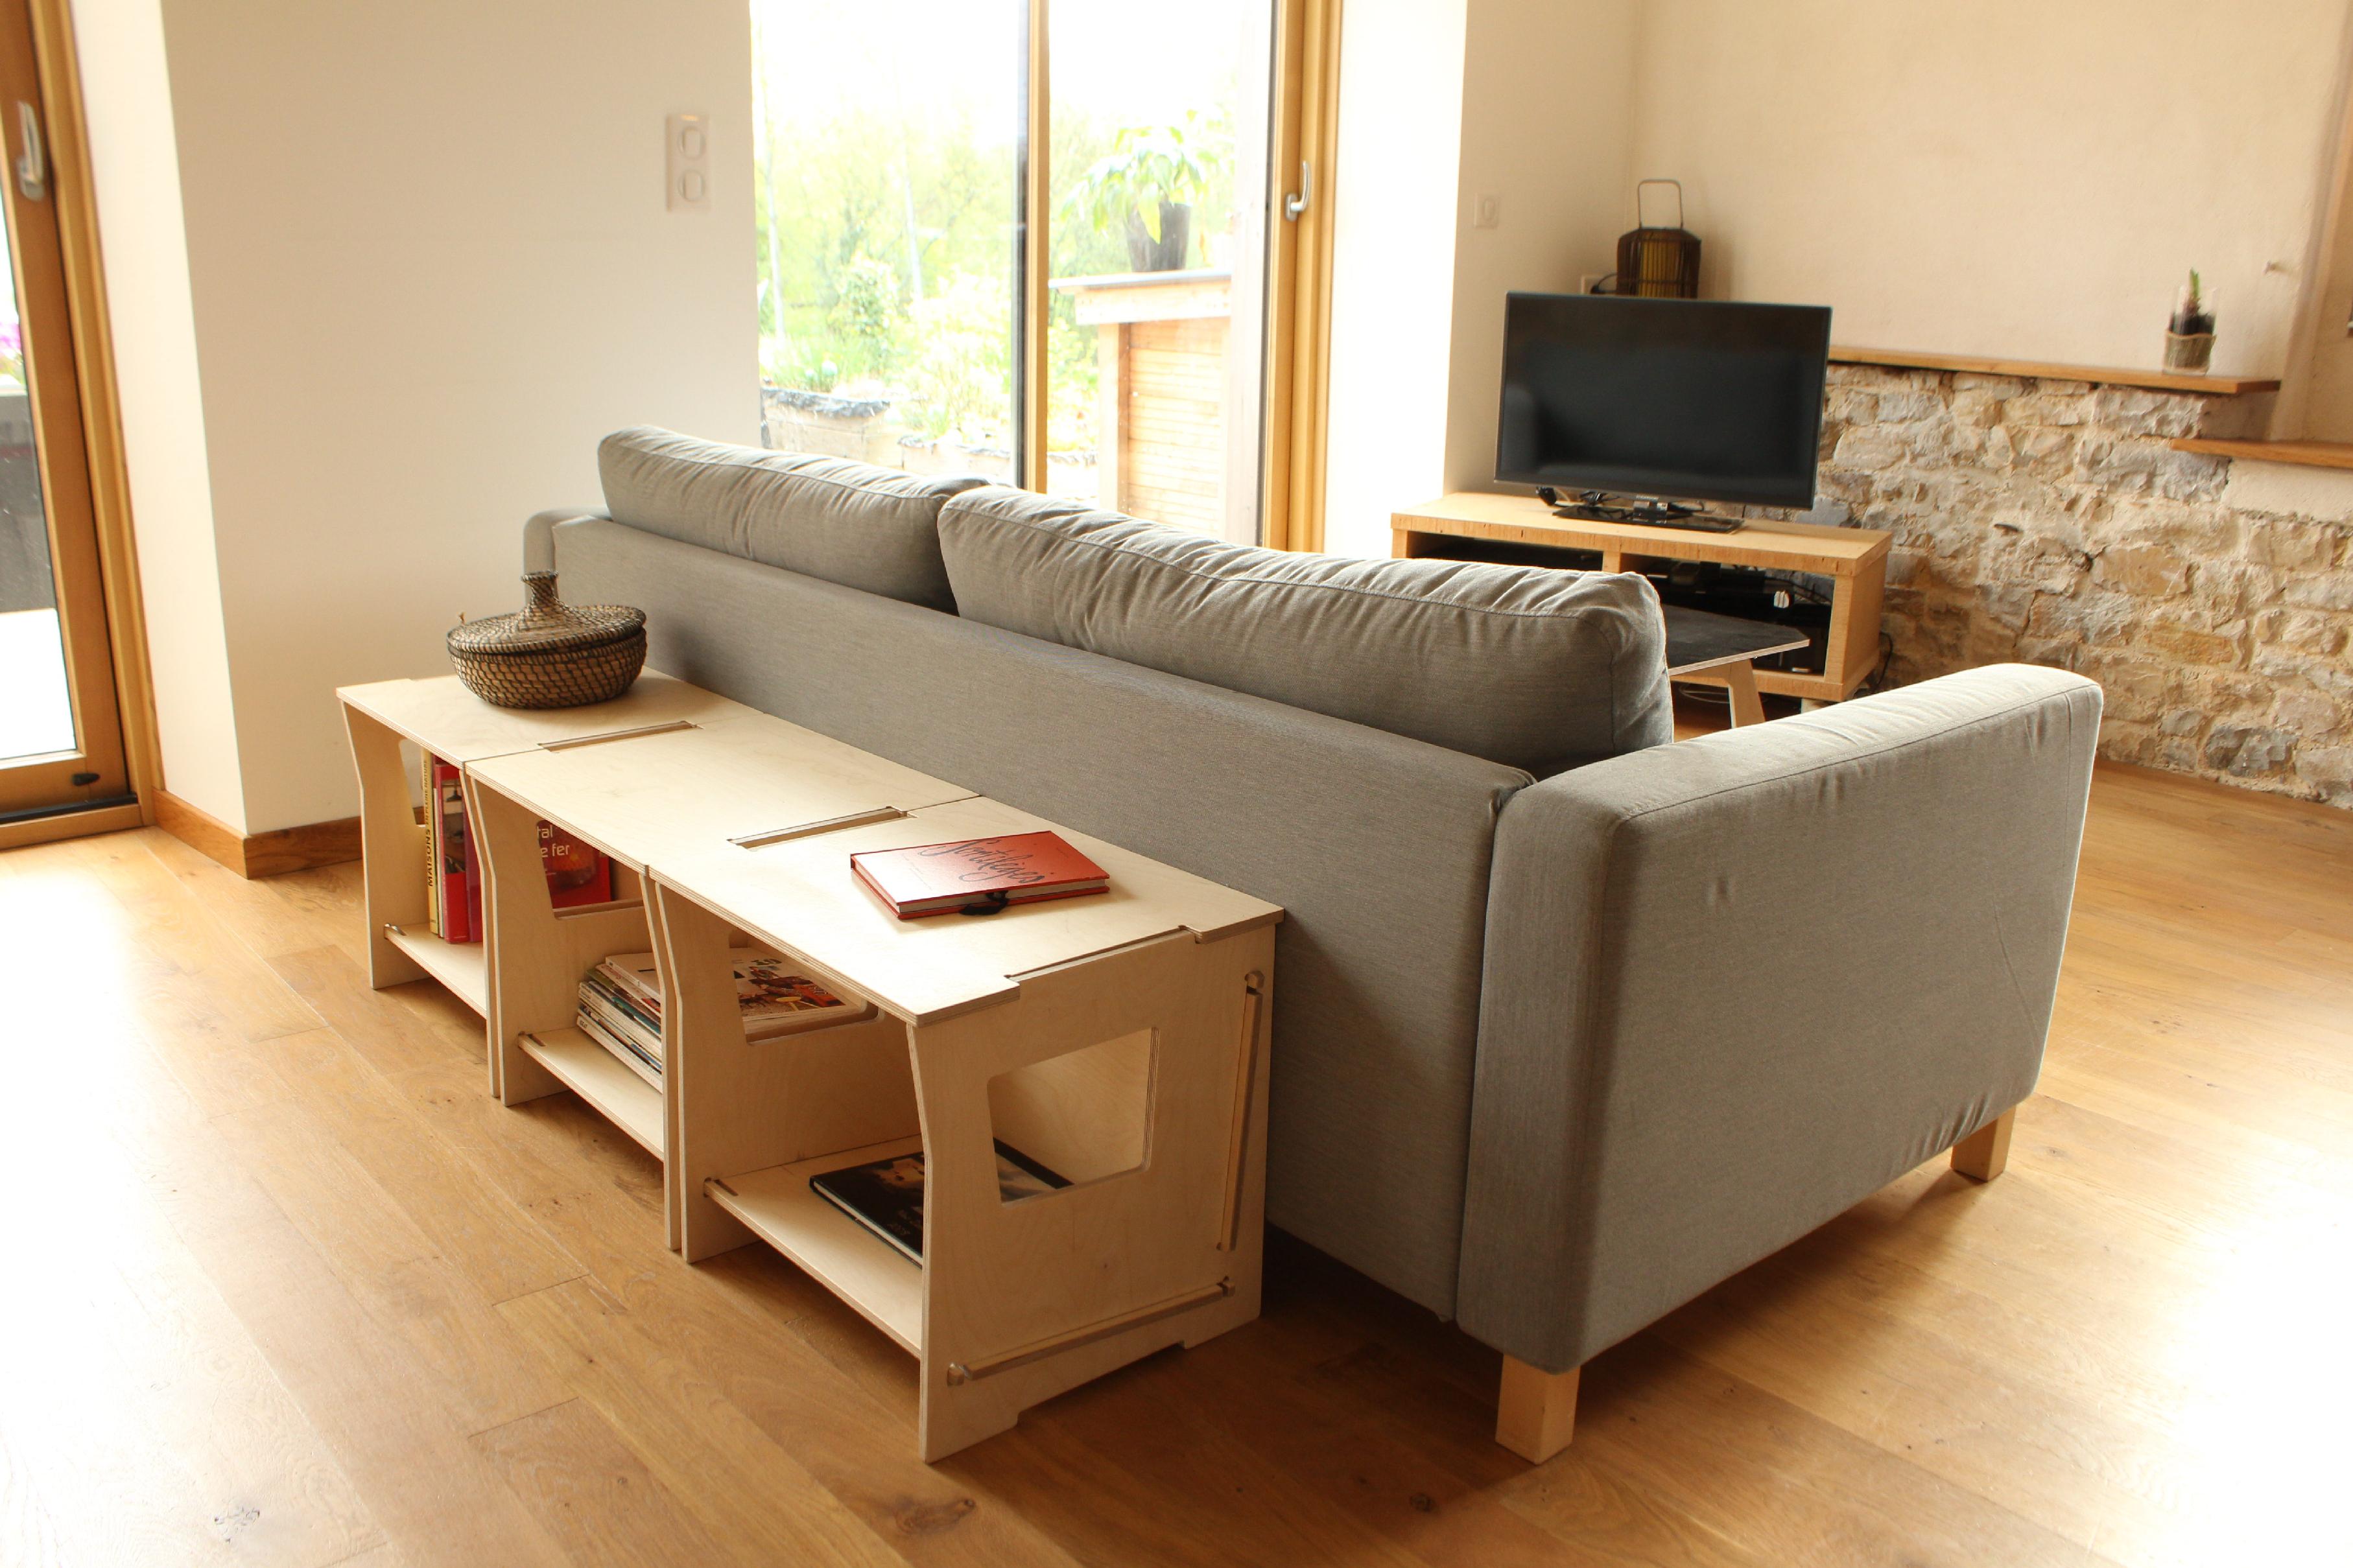 modules de rangement empilables pour cr er une tag re en bois design openwood. Black Bedroom Furniture Sets. Home Design Ideas